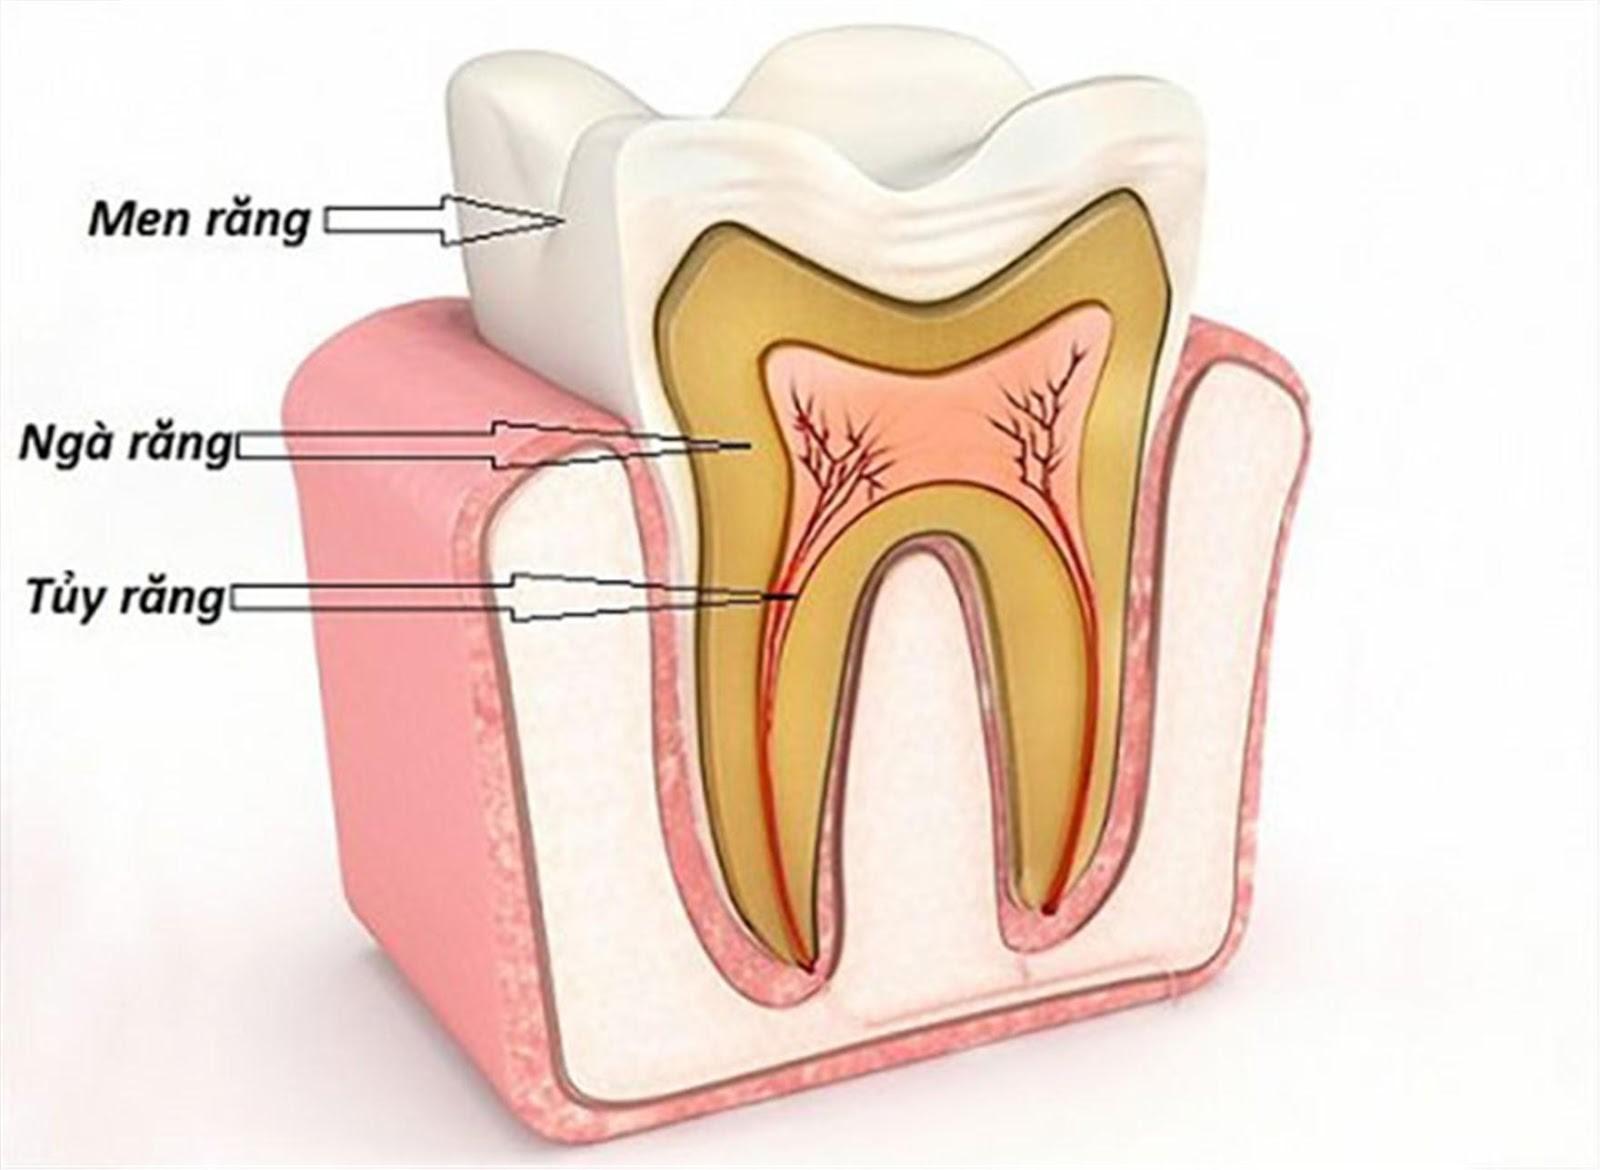 bọc răng sứ sau khi lấy tủy bao nhiêu tiền, giá bọc răng sứ sau khi lấy tủy, giá bọc răng sứ cho răng sau lấy tuỷ bao nhiêu tiền